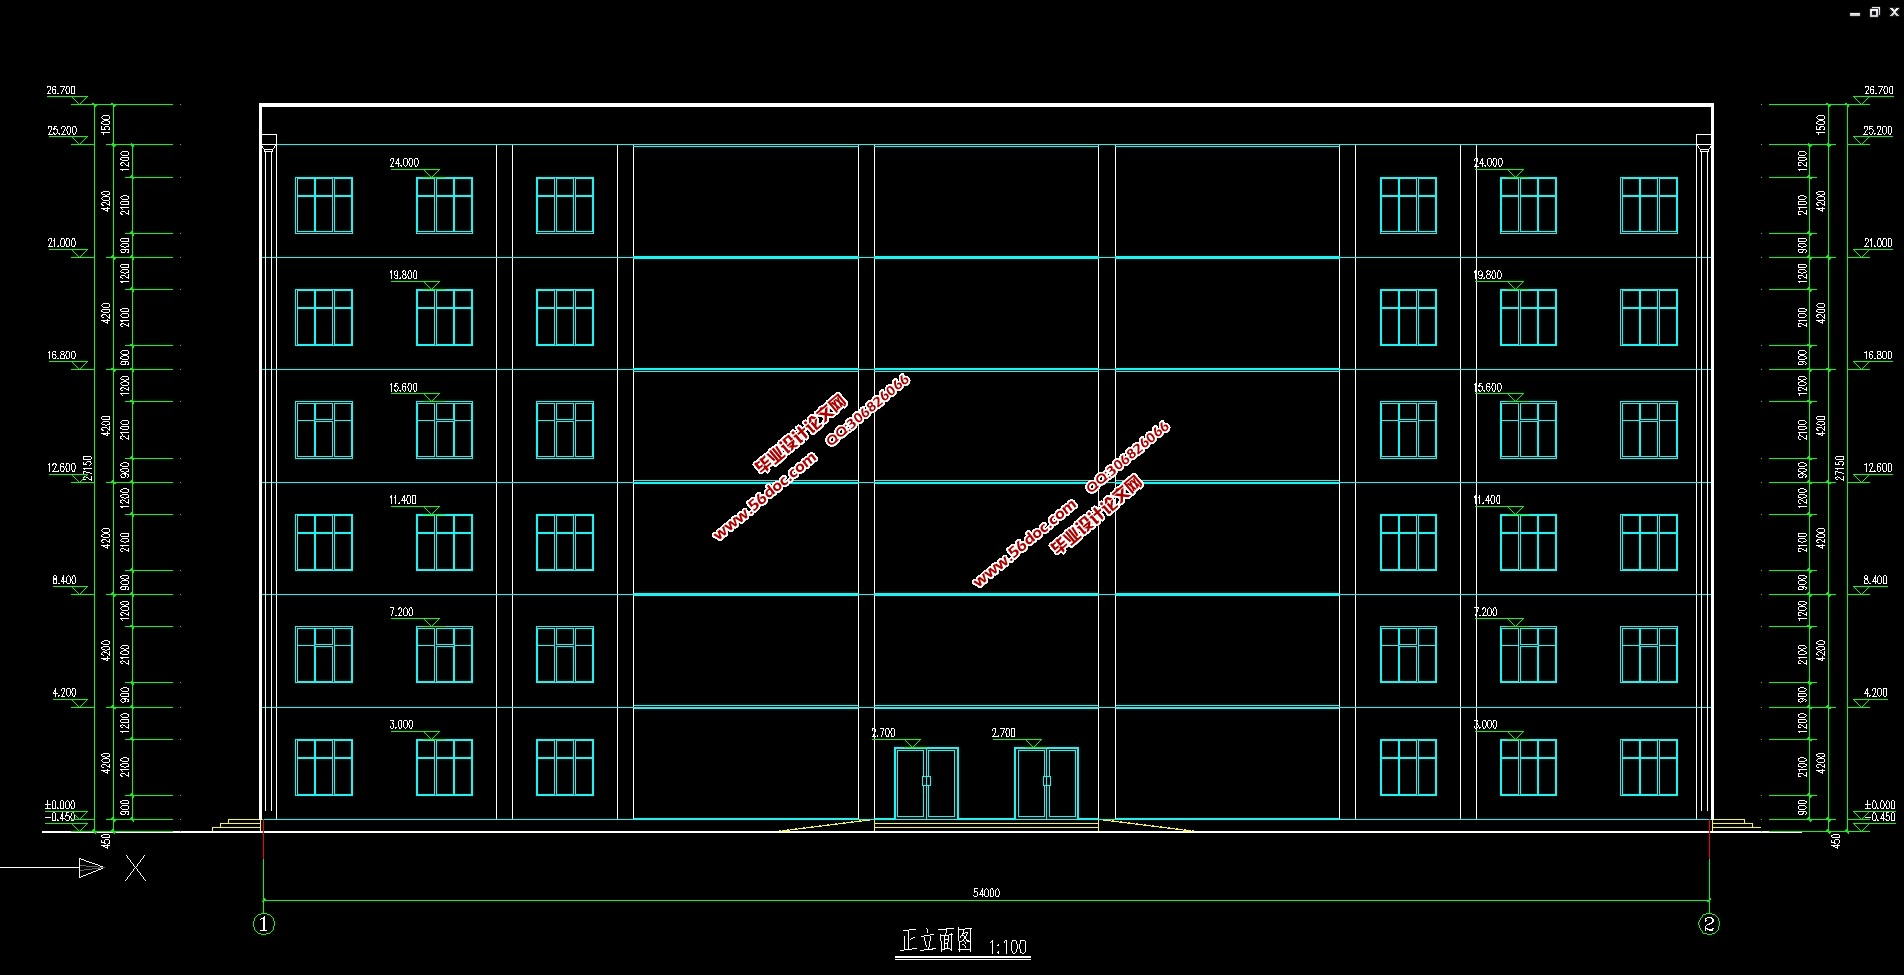 六层6228平米商场百货商店设计(建筑图,结构图)_毕业